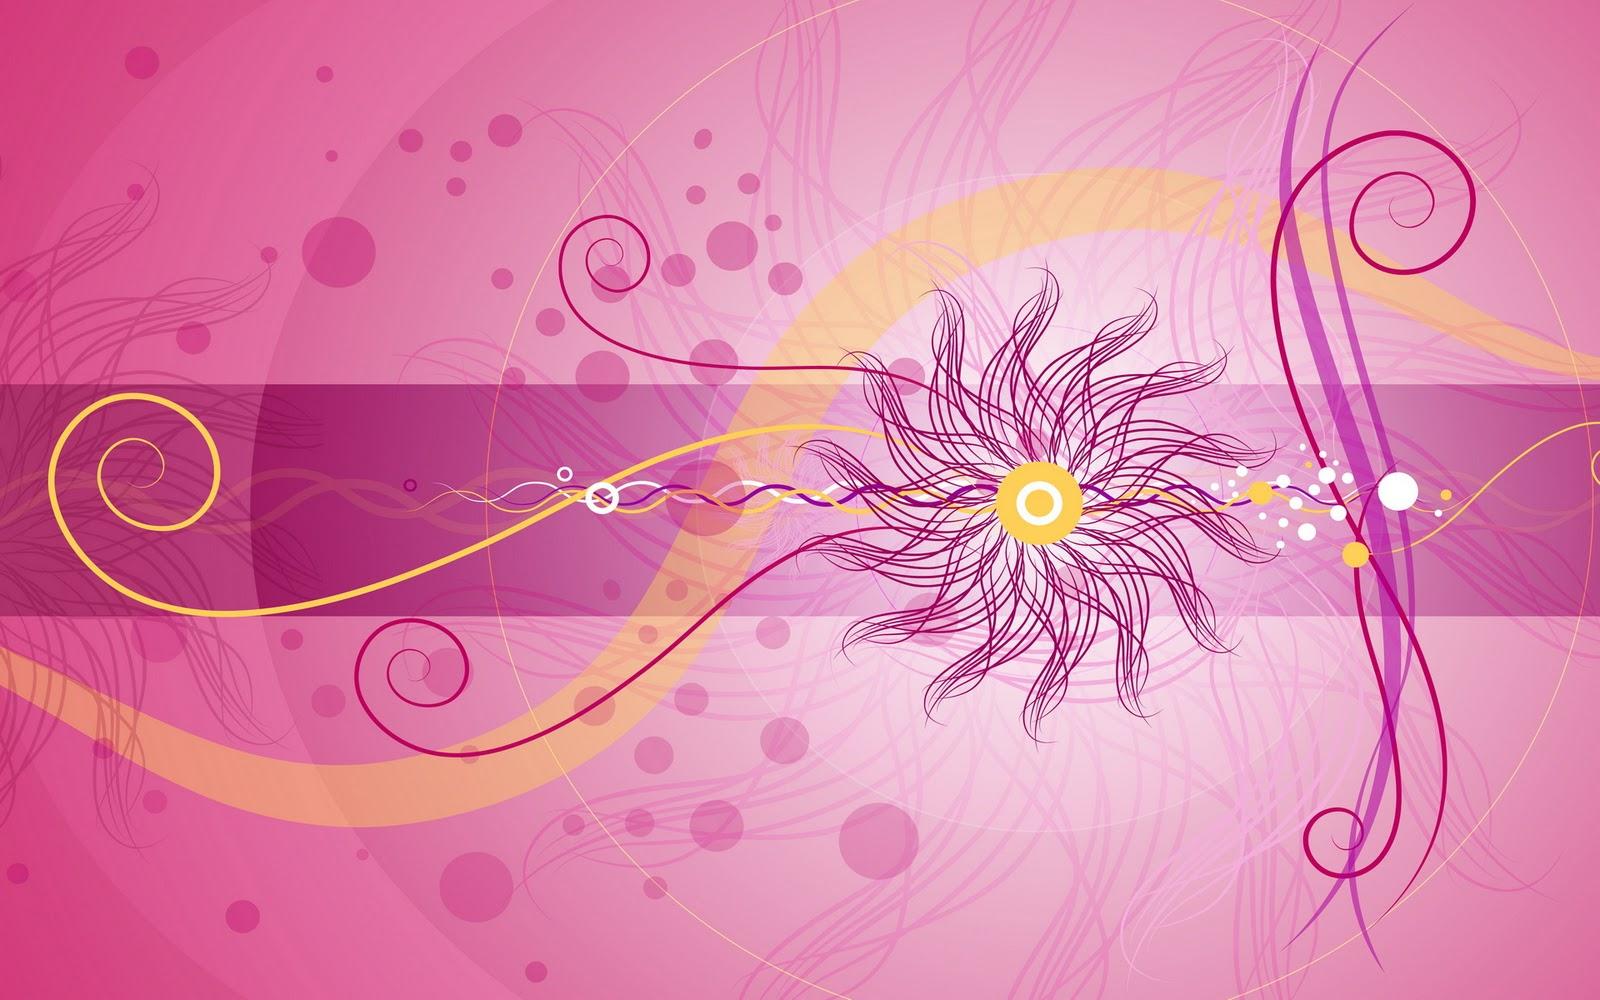 Roze abstracte achtergrond met lijnen abstracte roze achtergrond met